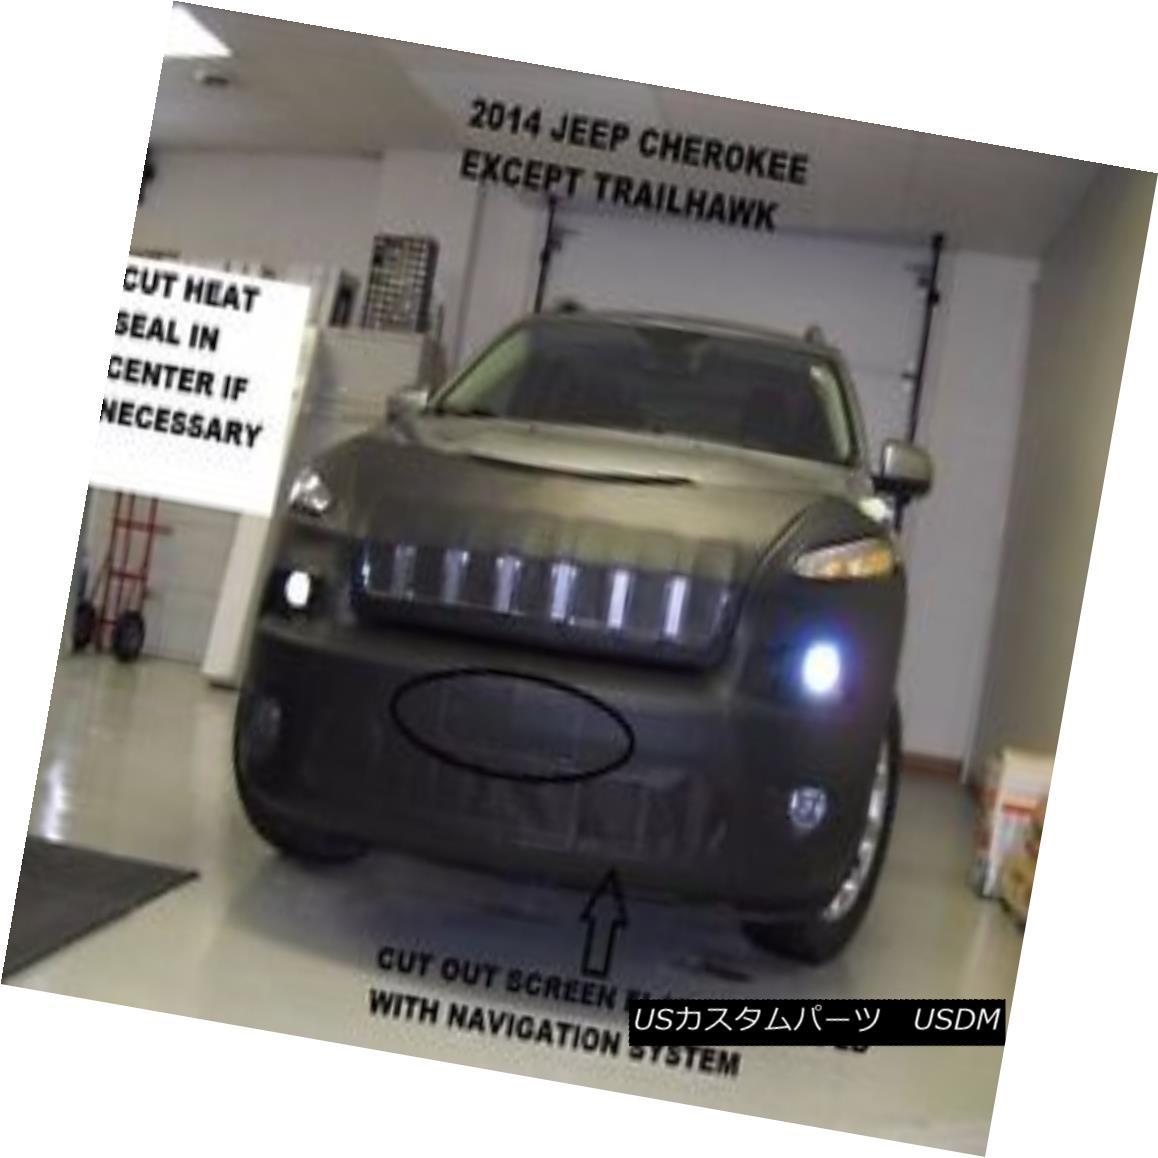 フルブラ ノーズブラ Lebra Front Mask Cover Bra Fits 2014-2018 Jeep Cherokee w/o sensrs Exc.Trailhawk Lebraフロントマスクカバーブラフィット2014-2018 Jeep Cherokee w / o sensrs Exc.Trailhawk